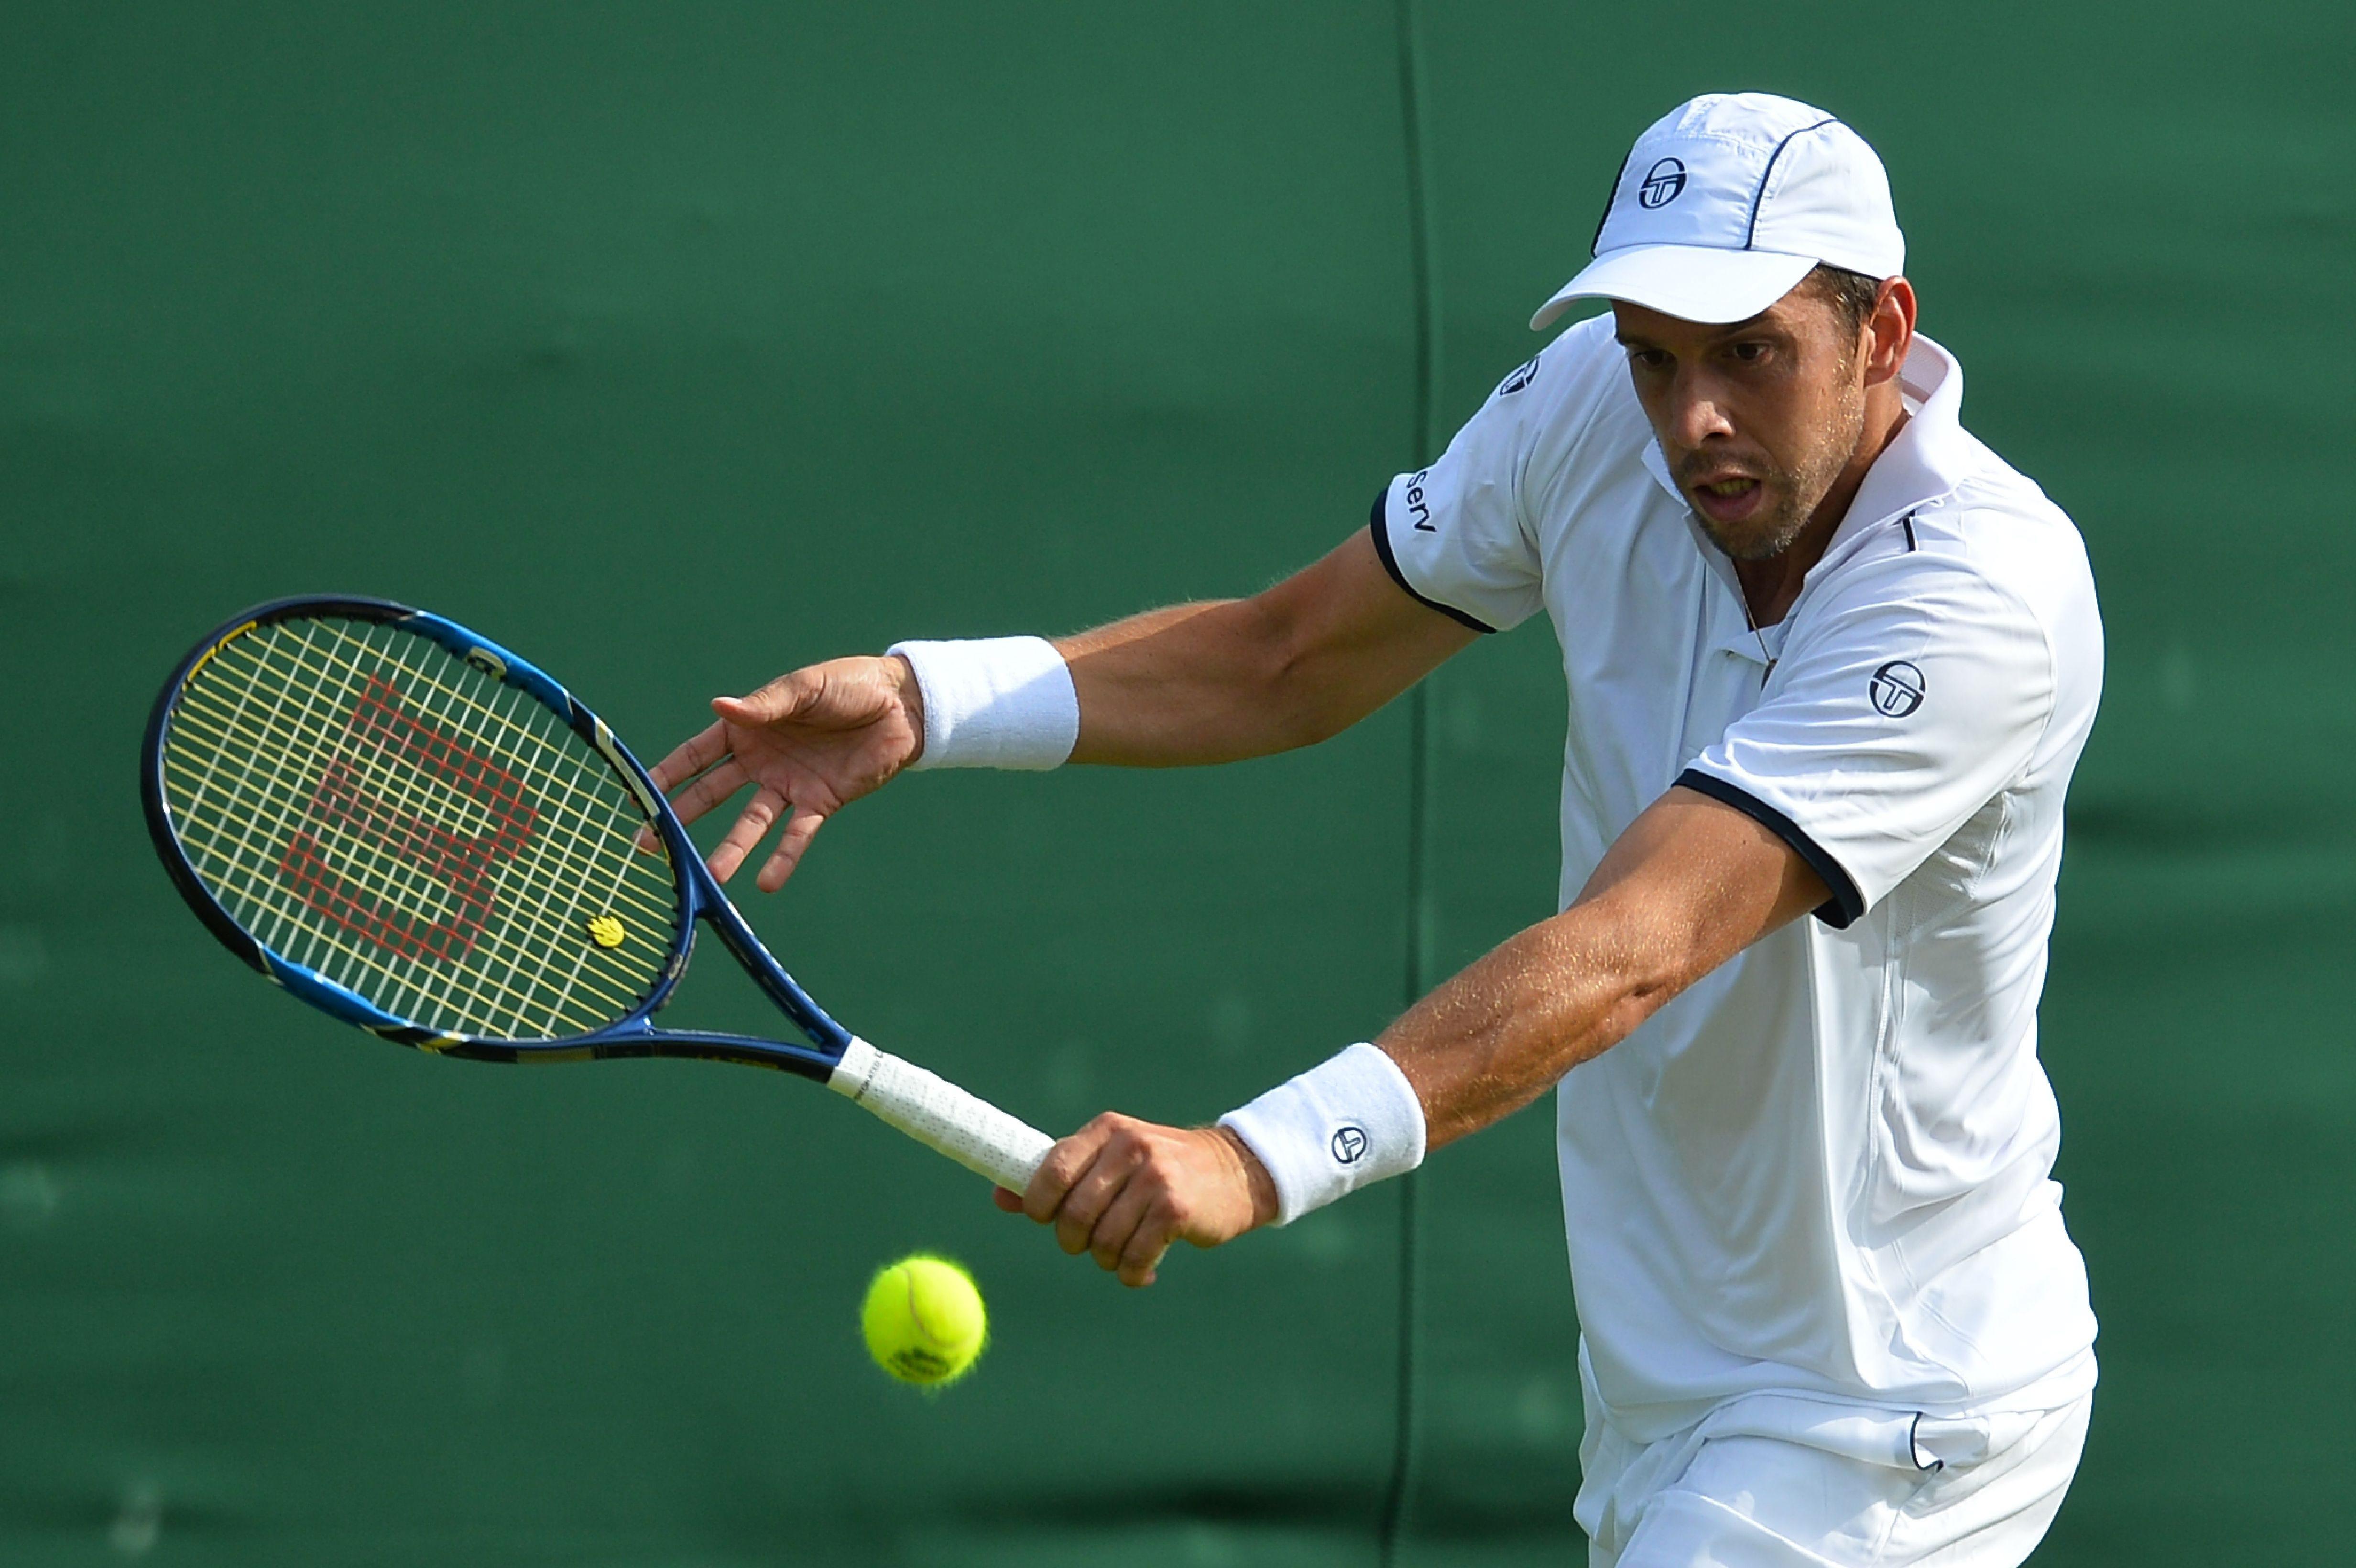 L'adversaire du Schfflangeois a été top 20 mondial en 2006. Depuis, les choses se sont toutefois gâtées pour lui... (Photo : AFP)